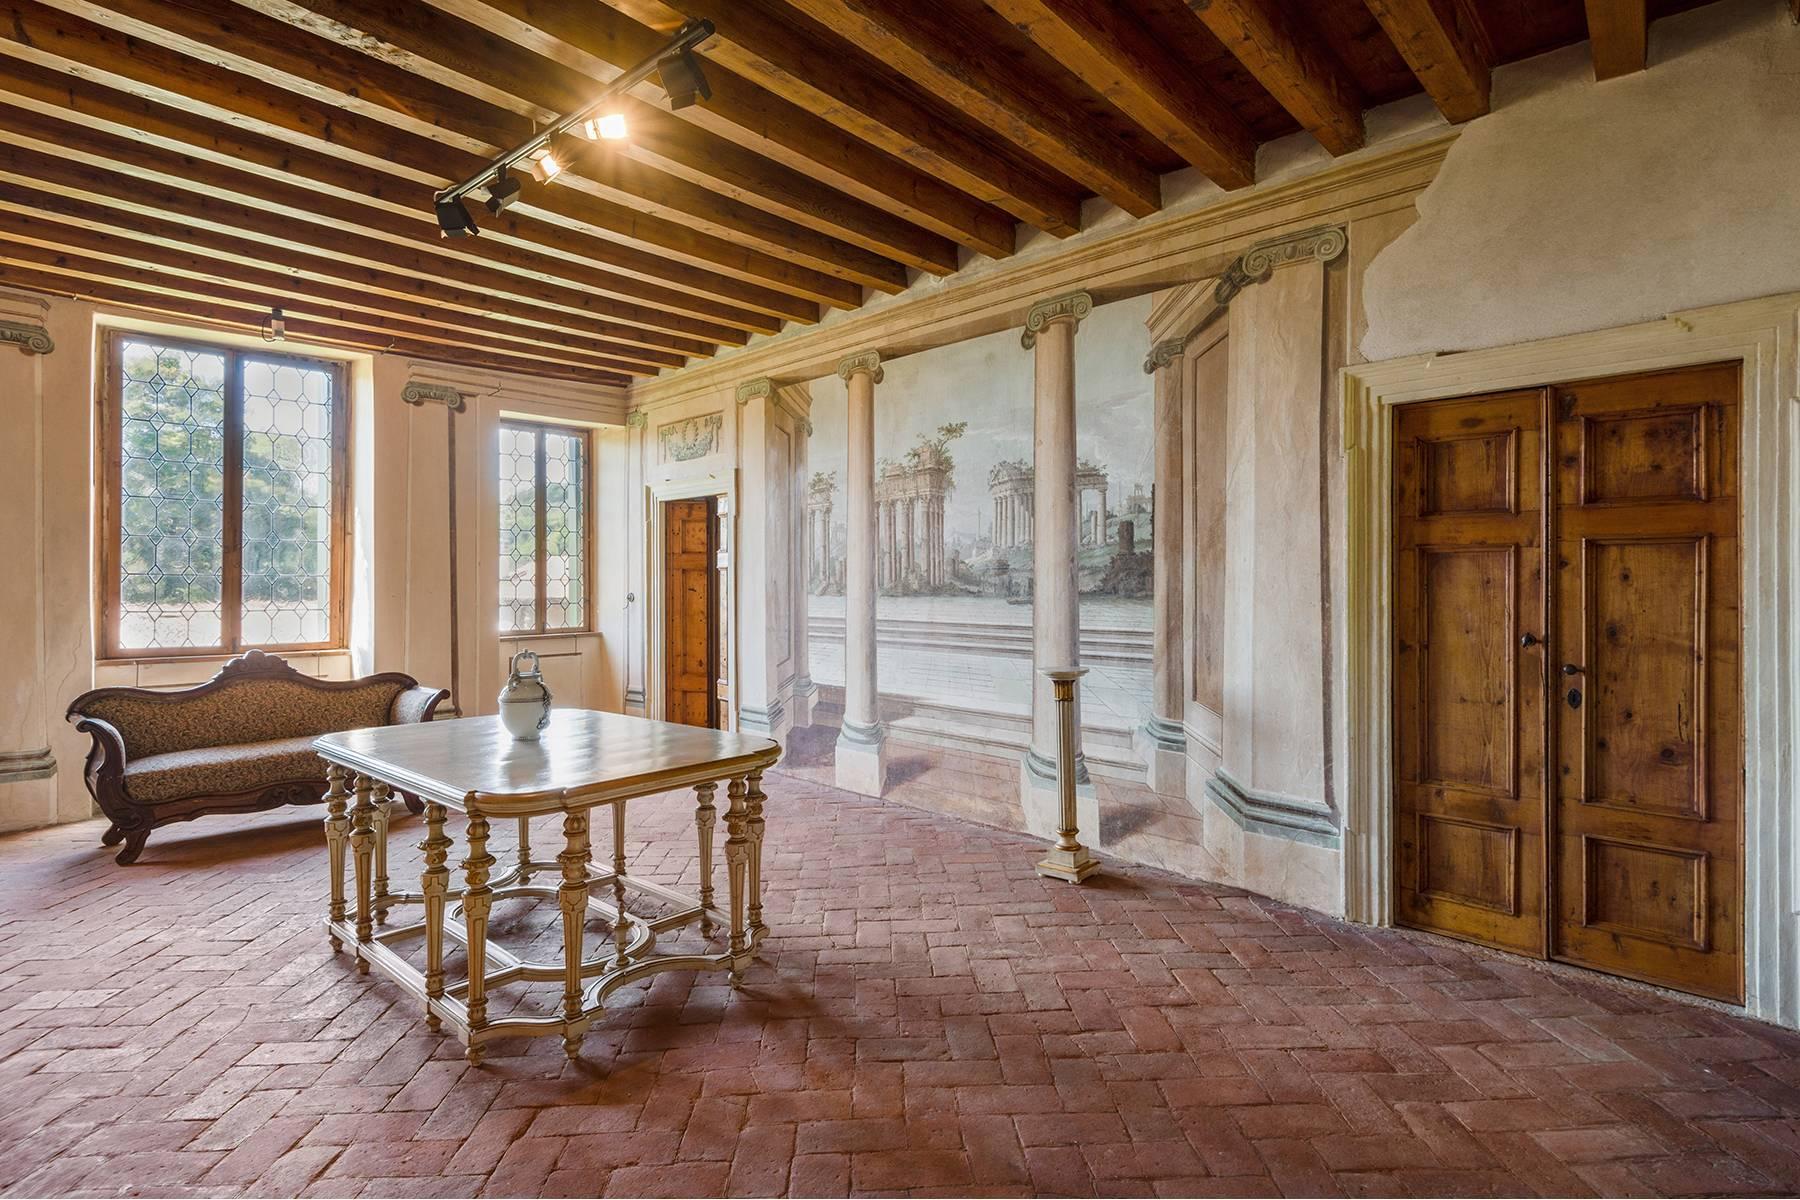 Historische Villa mit Park und prächtigem alten Keller, umgeben von Weinbergen - 12